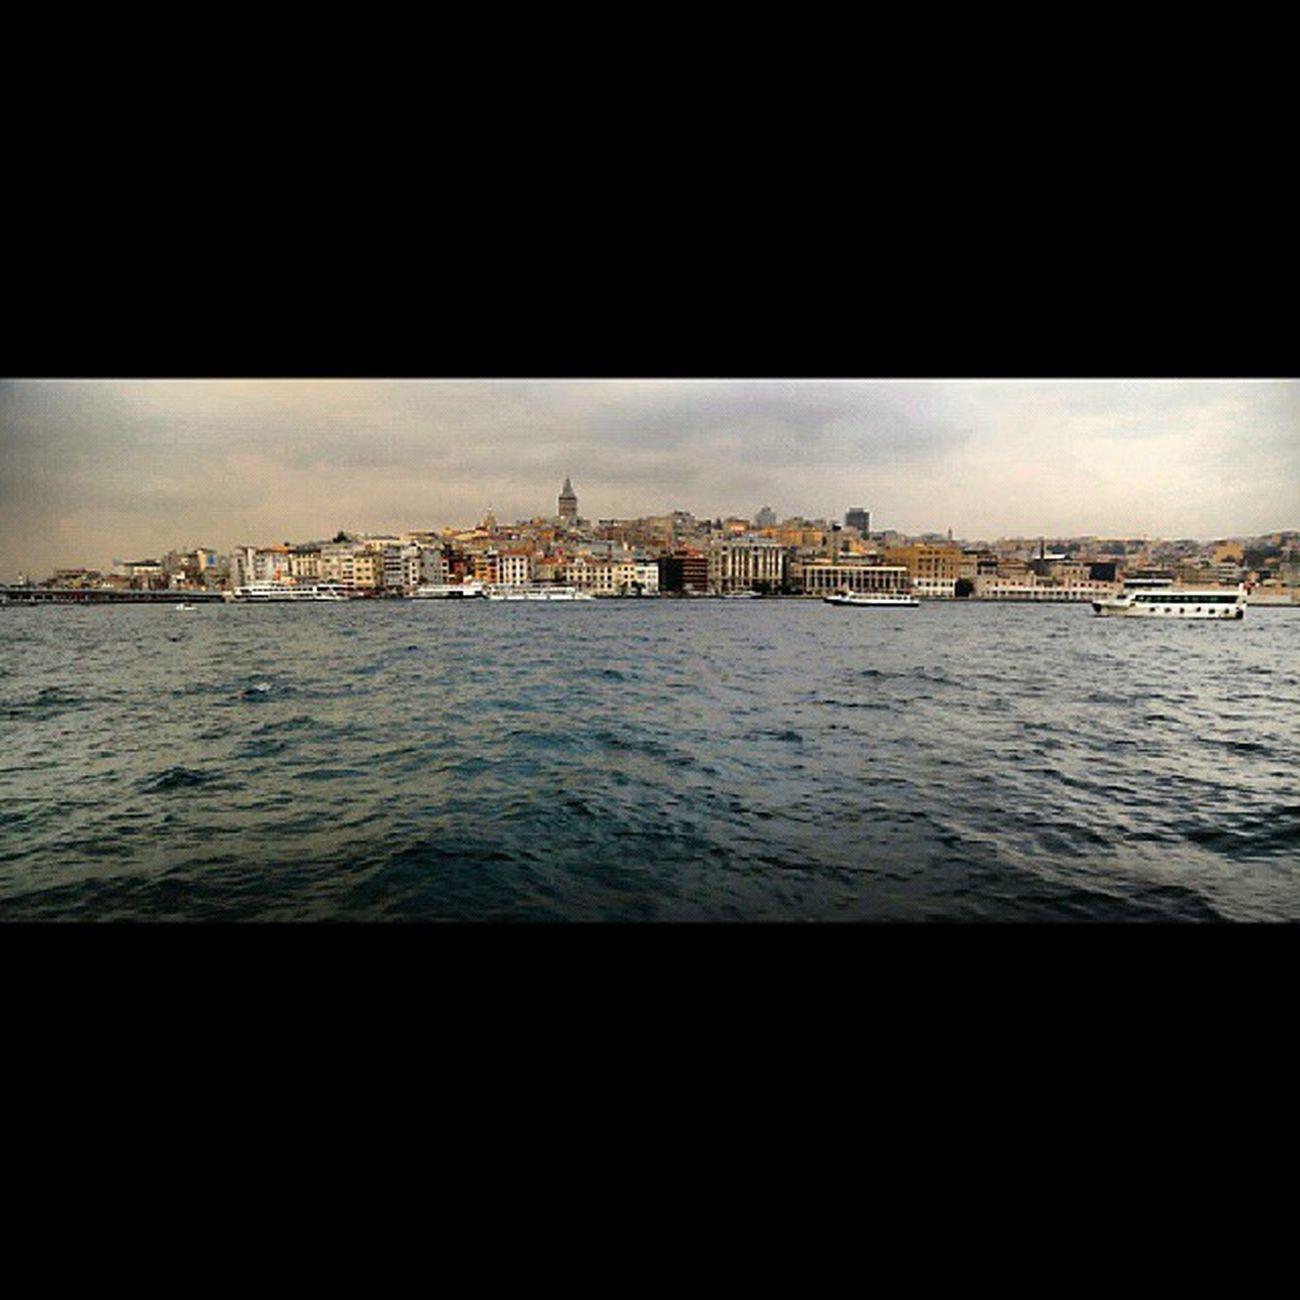 Istanbul Deniz Instafrien Gununkaresi gününfotografı Turkey photos picture sanat gununkaresi webstagram turkishfollowers alacakaranlik likeforlike sea sahil pazar